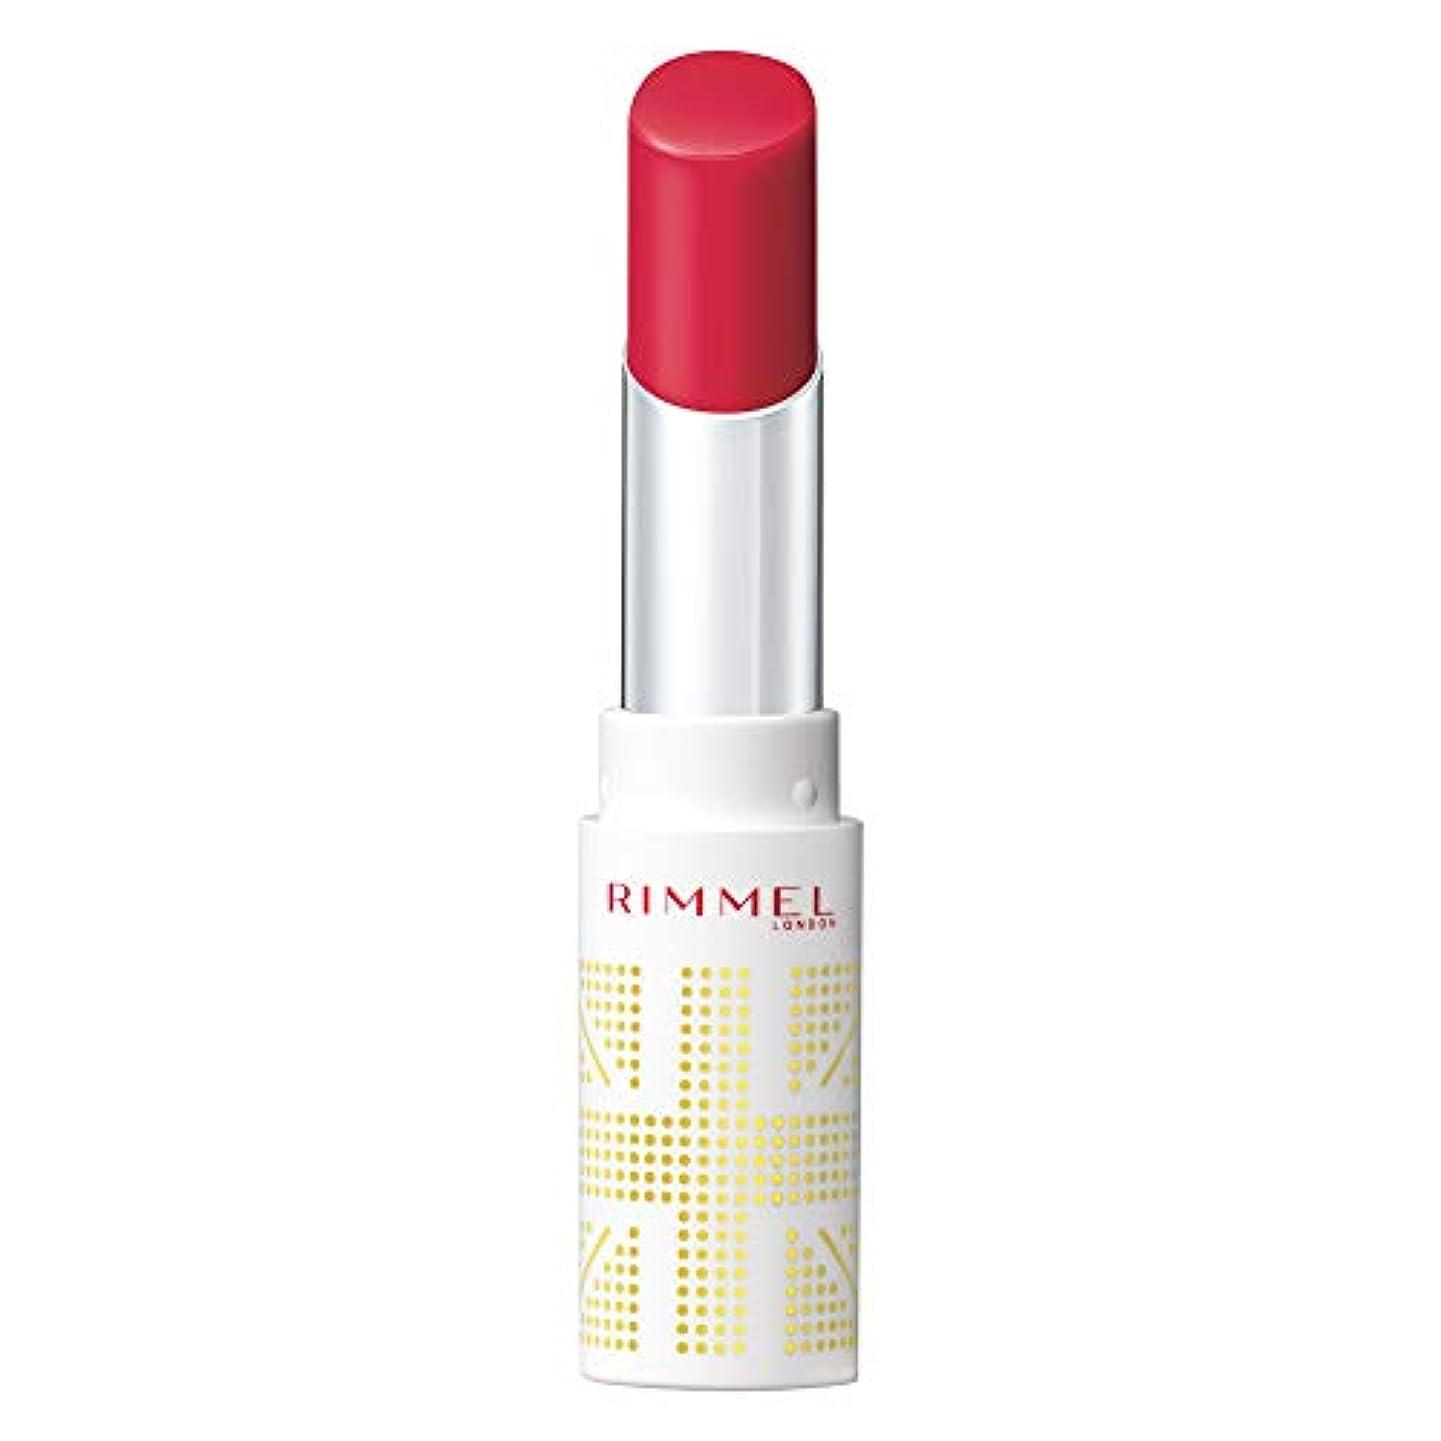 到着盲信ワックスRimmel (リンメル) リンメル ラスティングフィニッシュ オイルティントリップ 001 ベリーピンク 3.8g 口紅